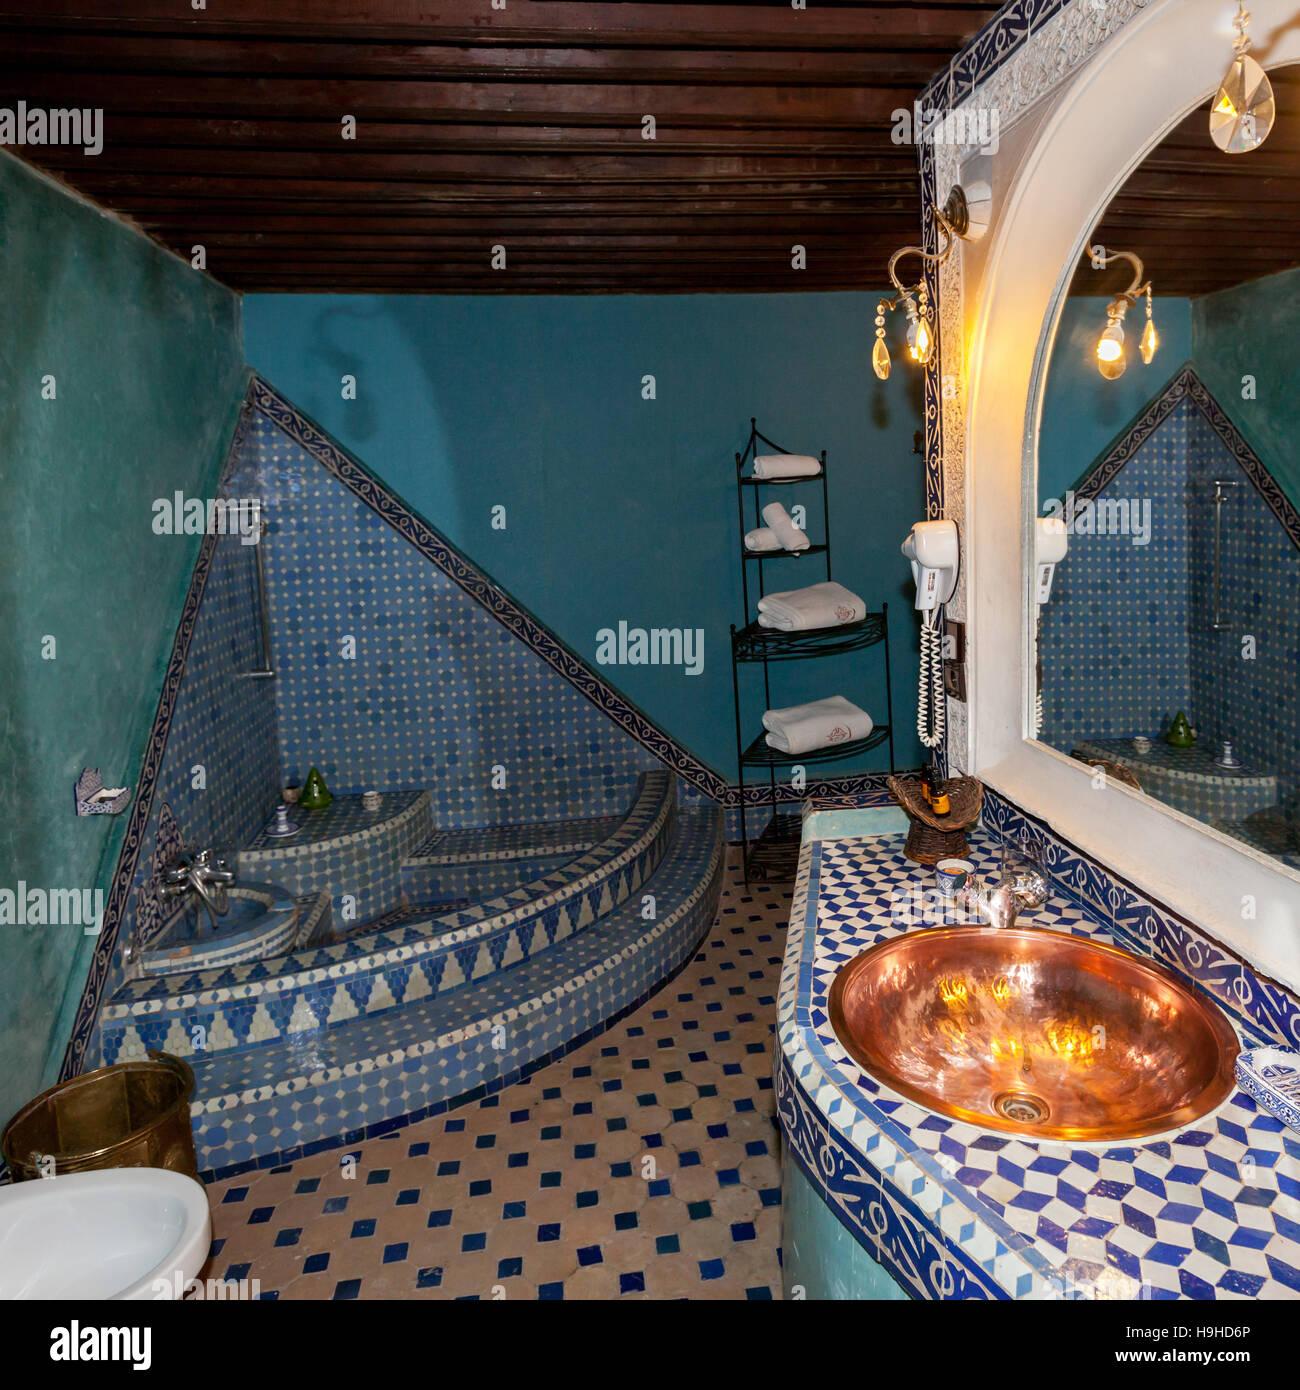 Salle De Bain Fes Maroc ~ salle de bains en suite royale riad arabesque f s maroc banque d